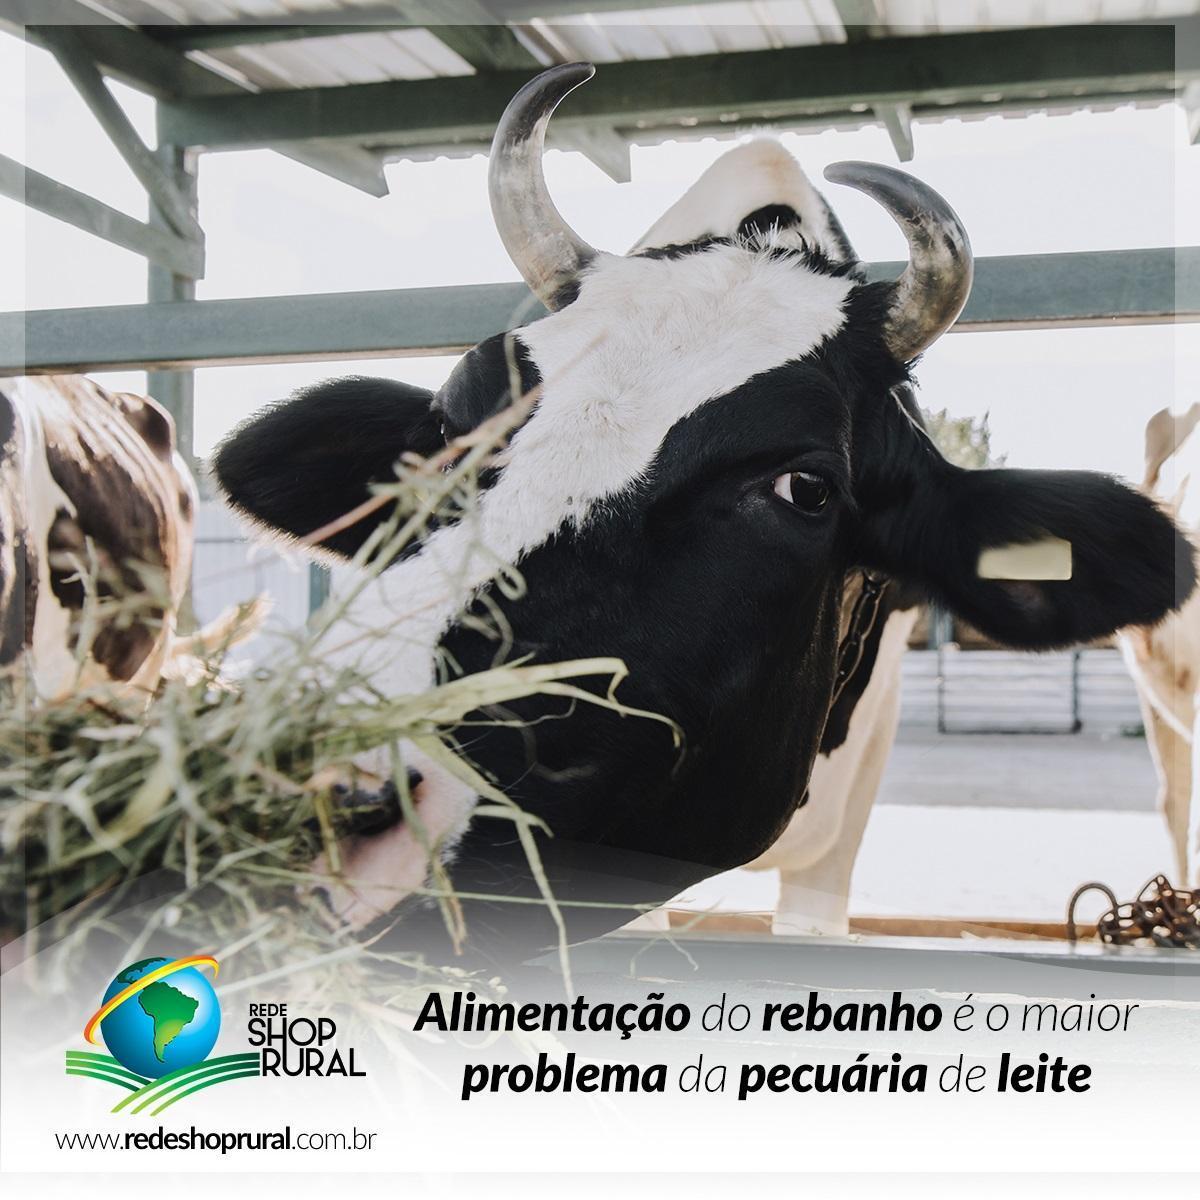 Alimentação do rebanho é o maior problema da pecuária de leite